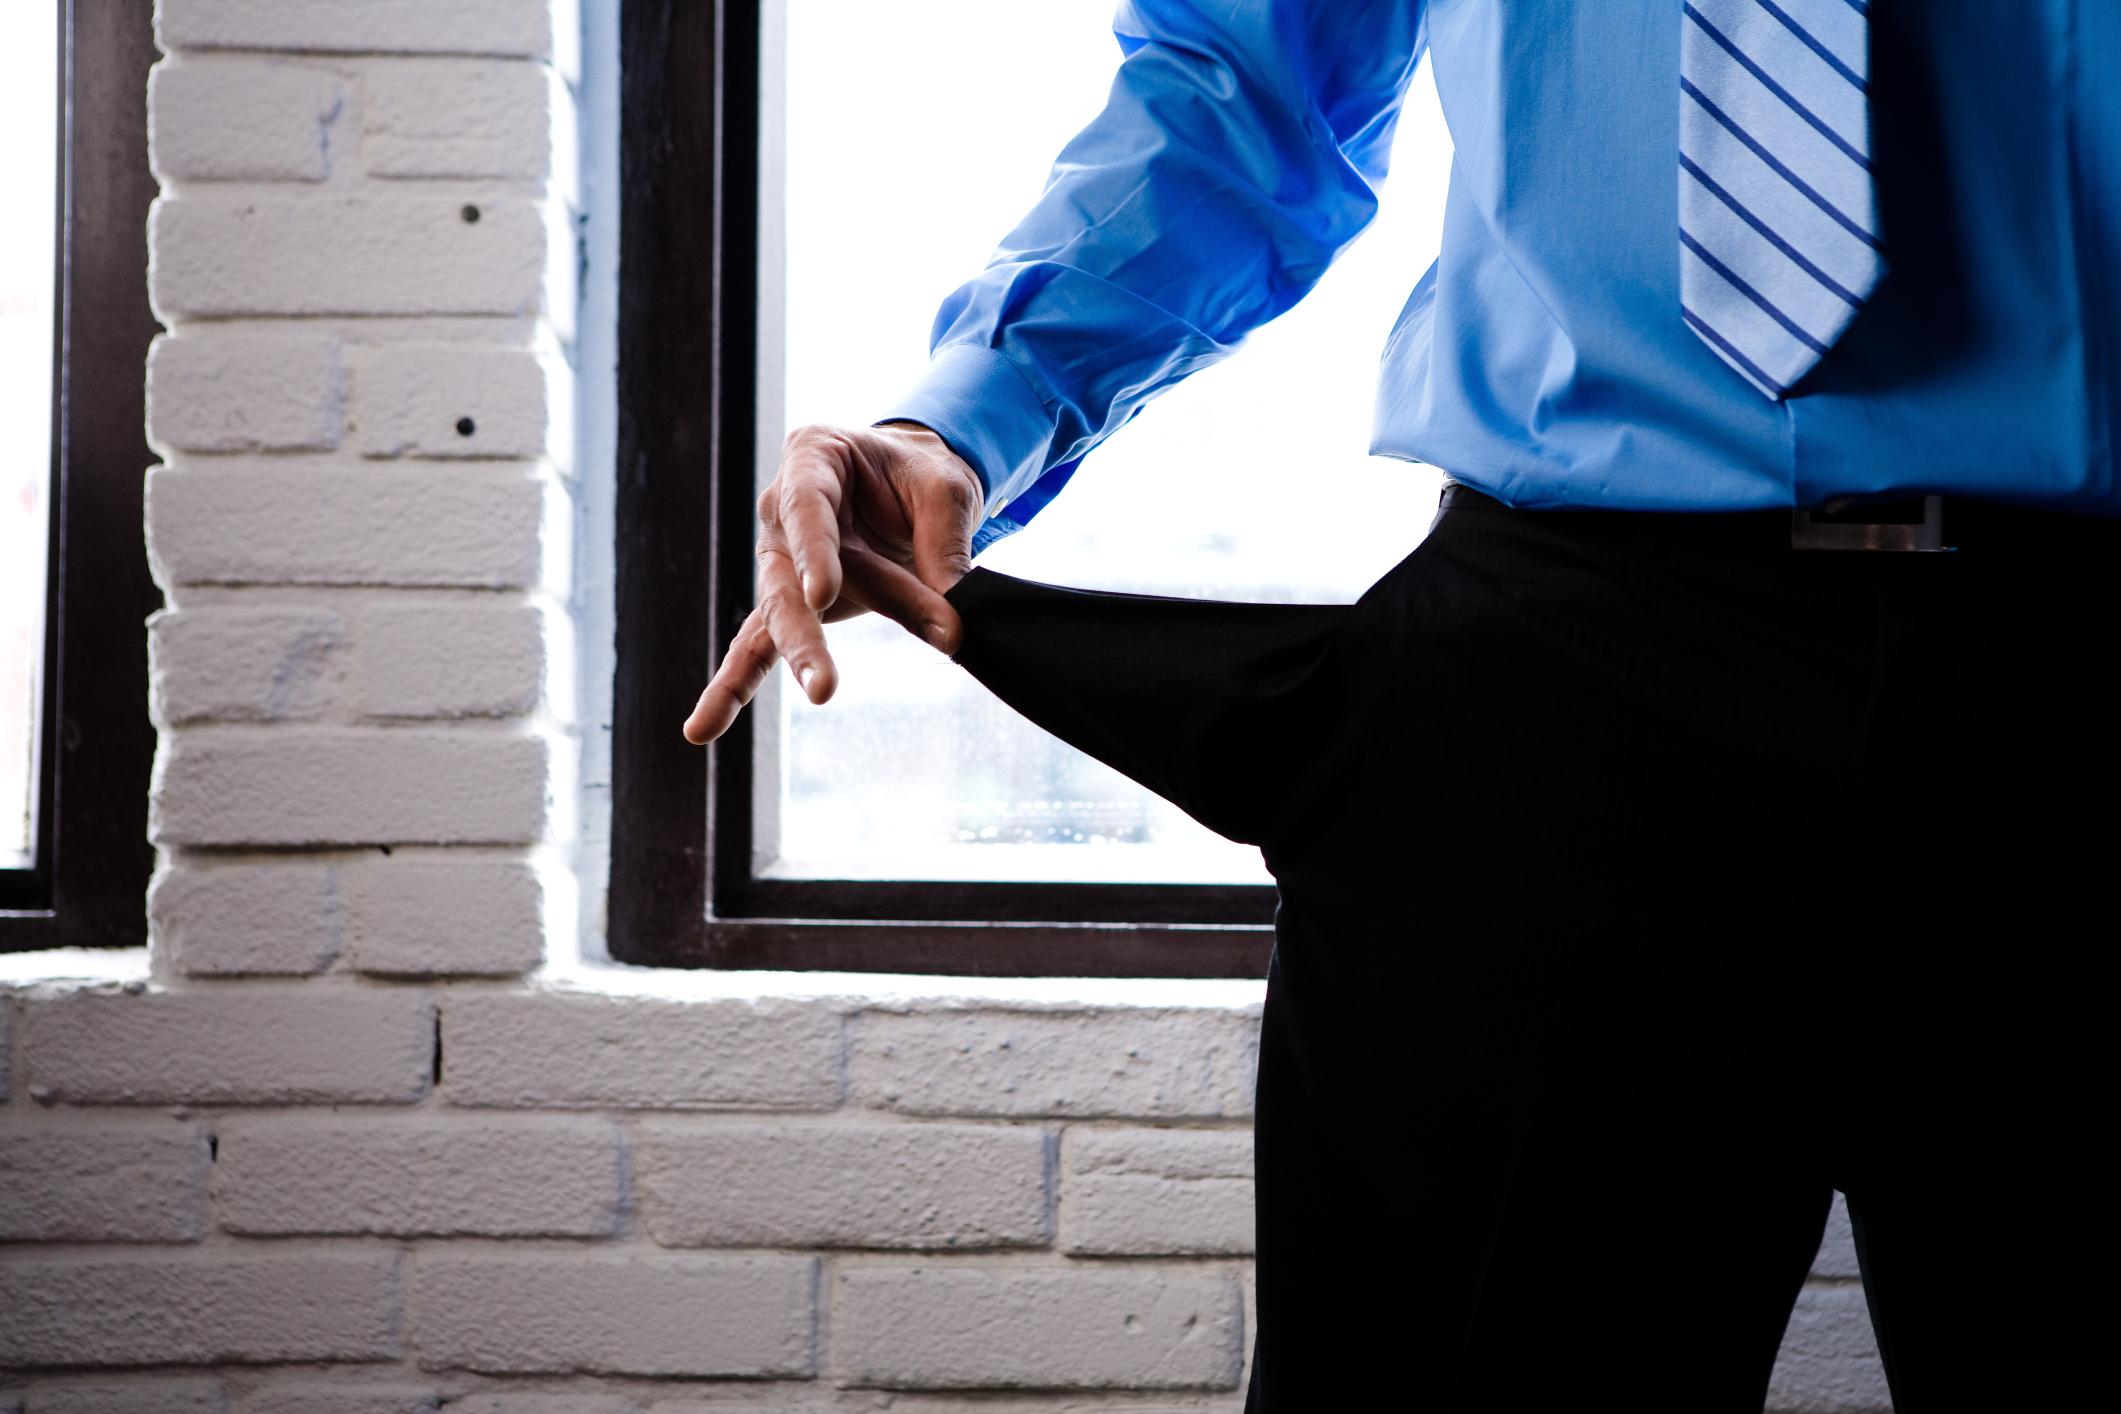 Cuatro de cada 10 propietarios madrileños de casas en alquiler están en riesgo de no cobrar la renta, según Arrentum